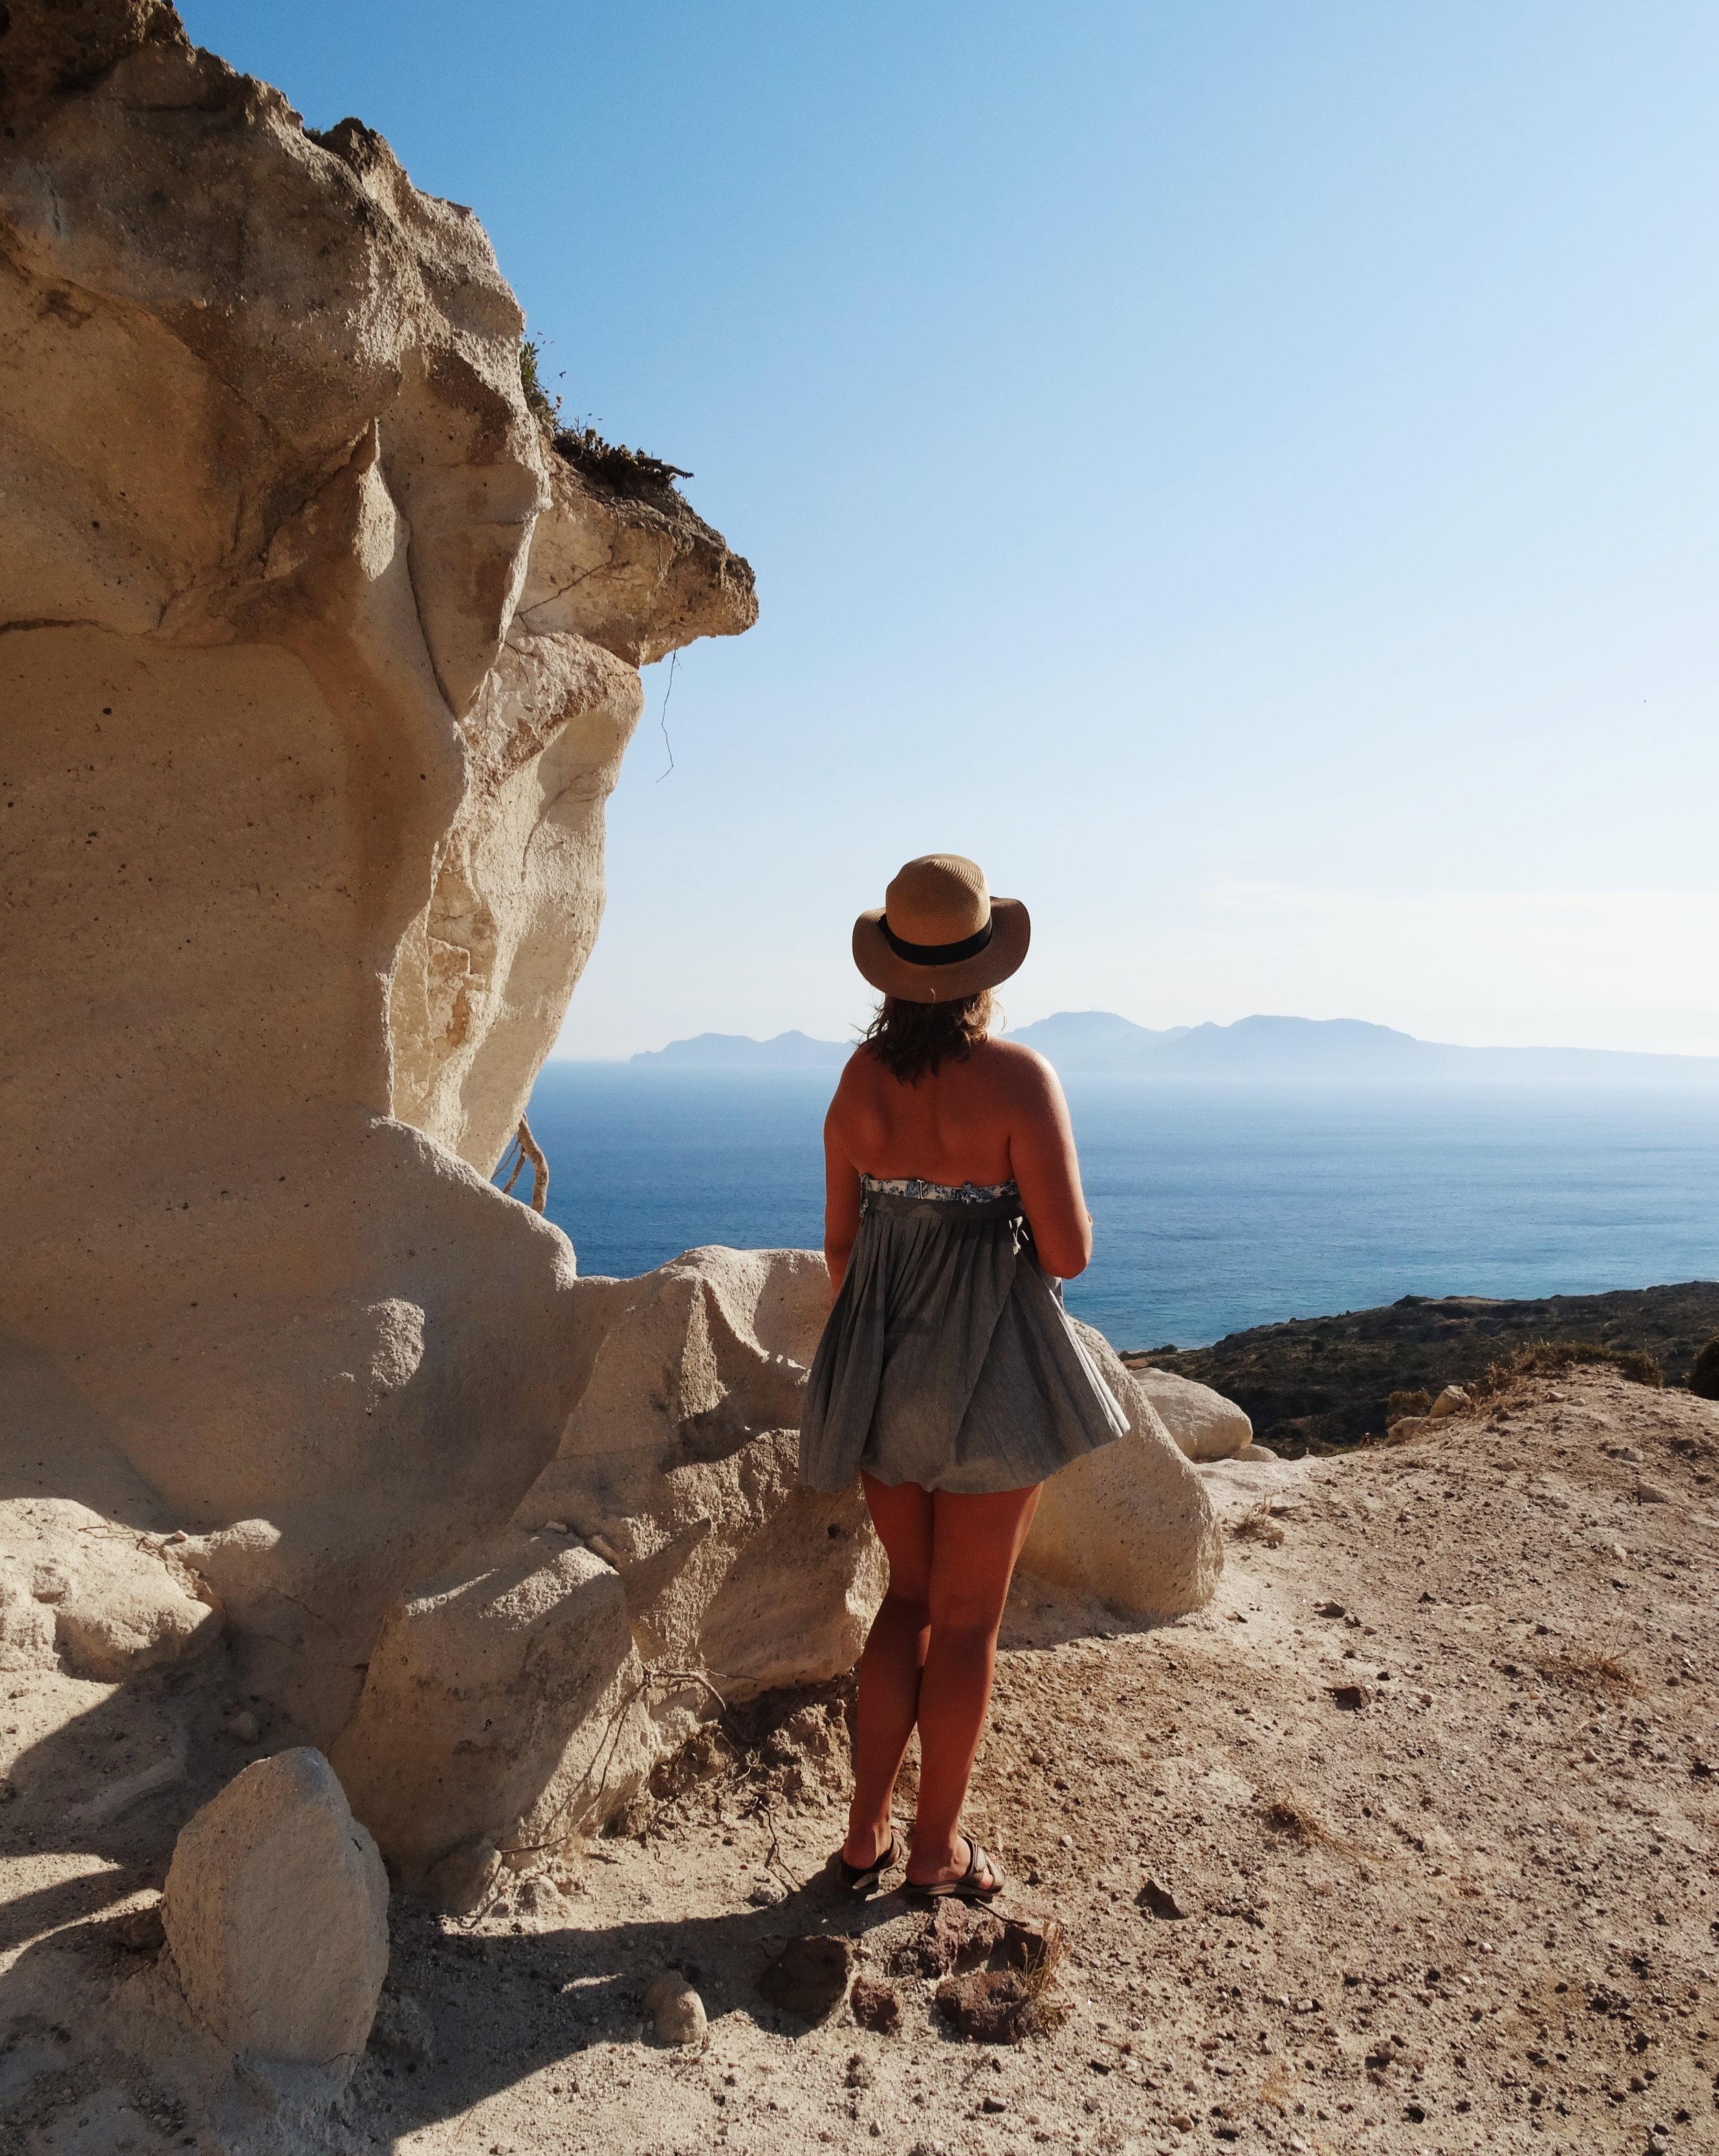 kokemuksia-kos-kreikka-aurinko-mona-kajander-matkablogi